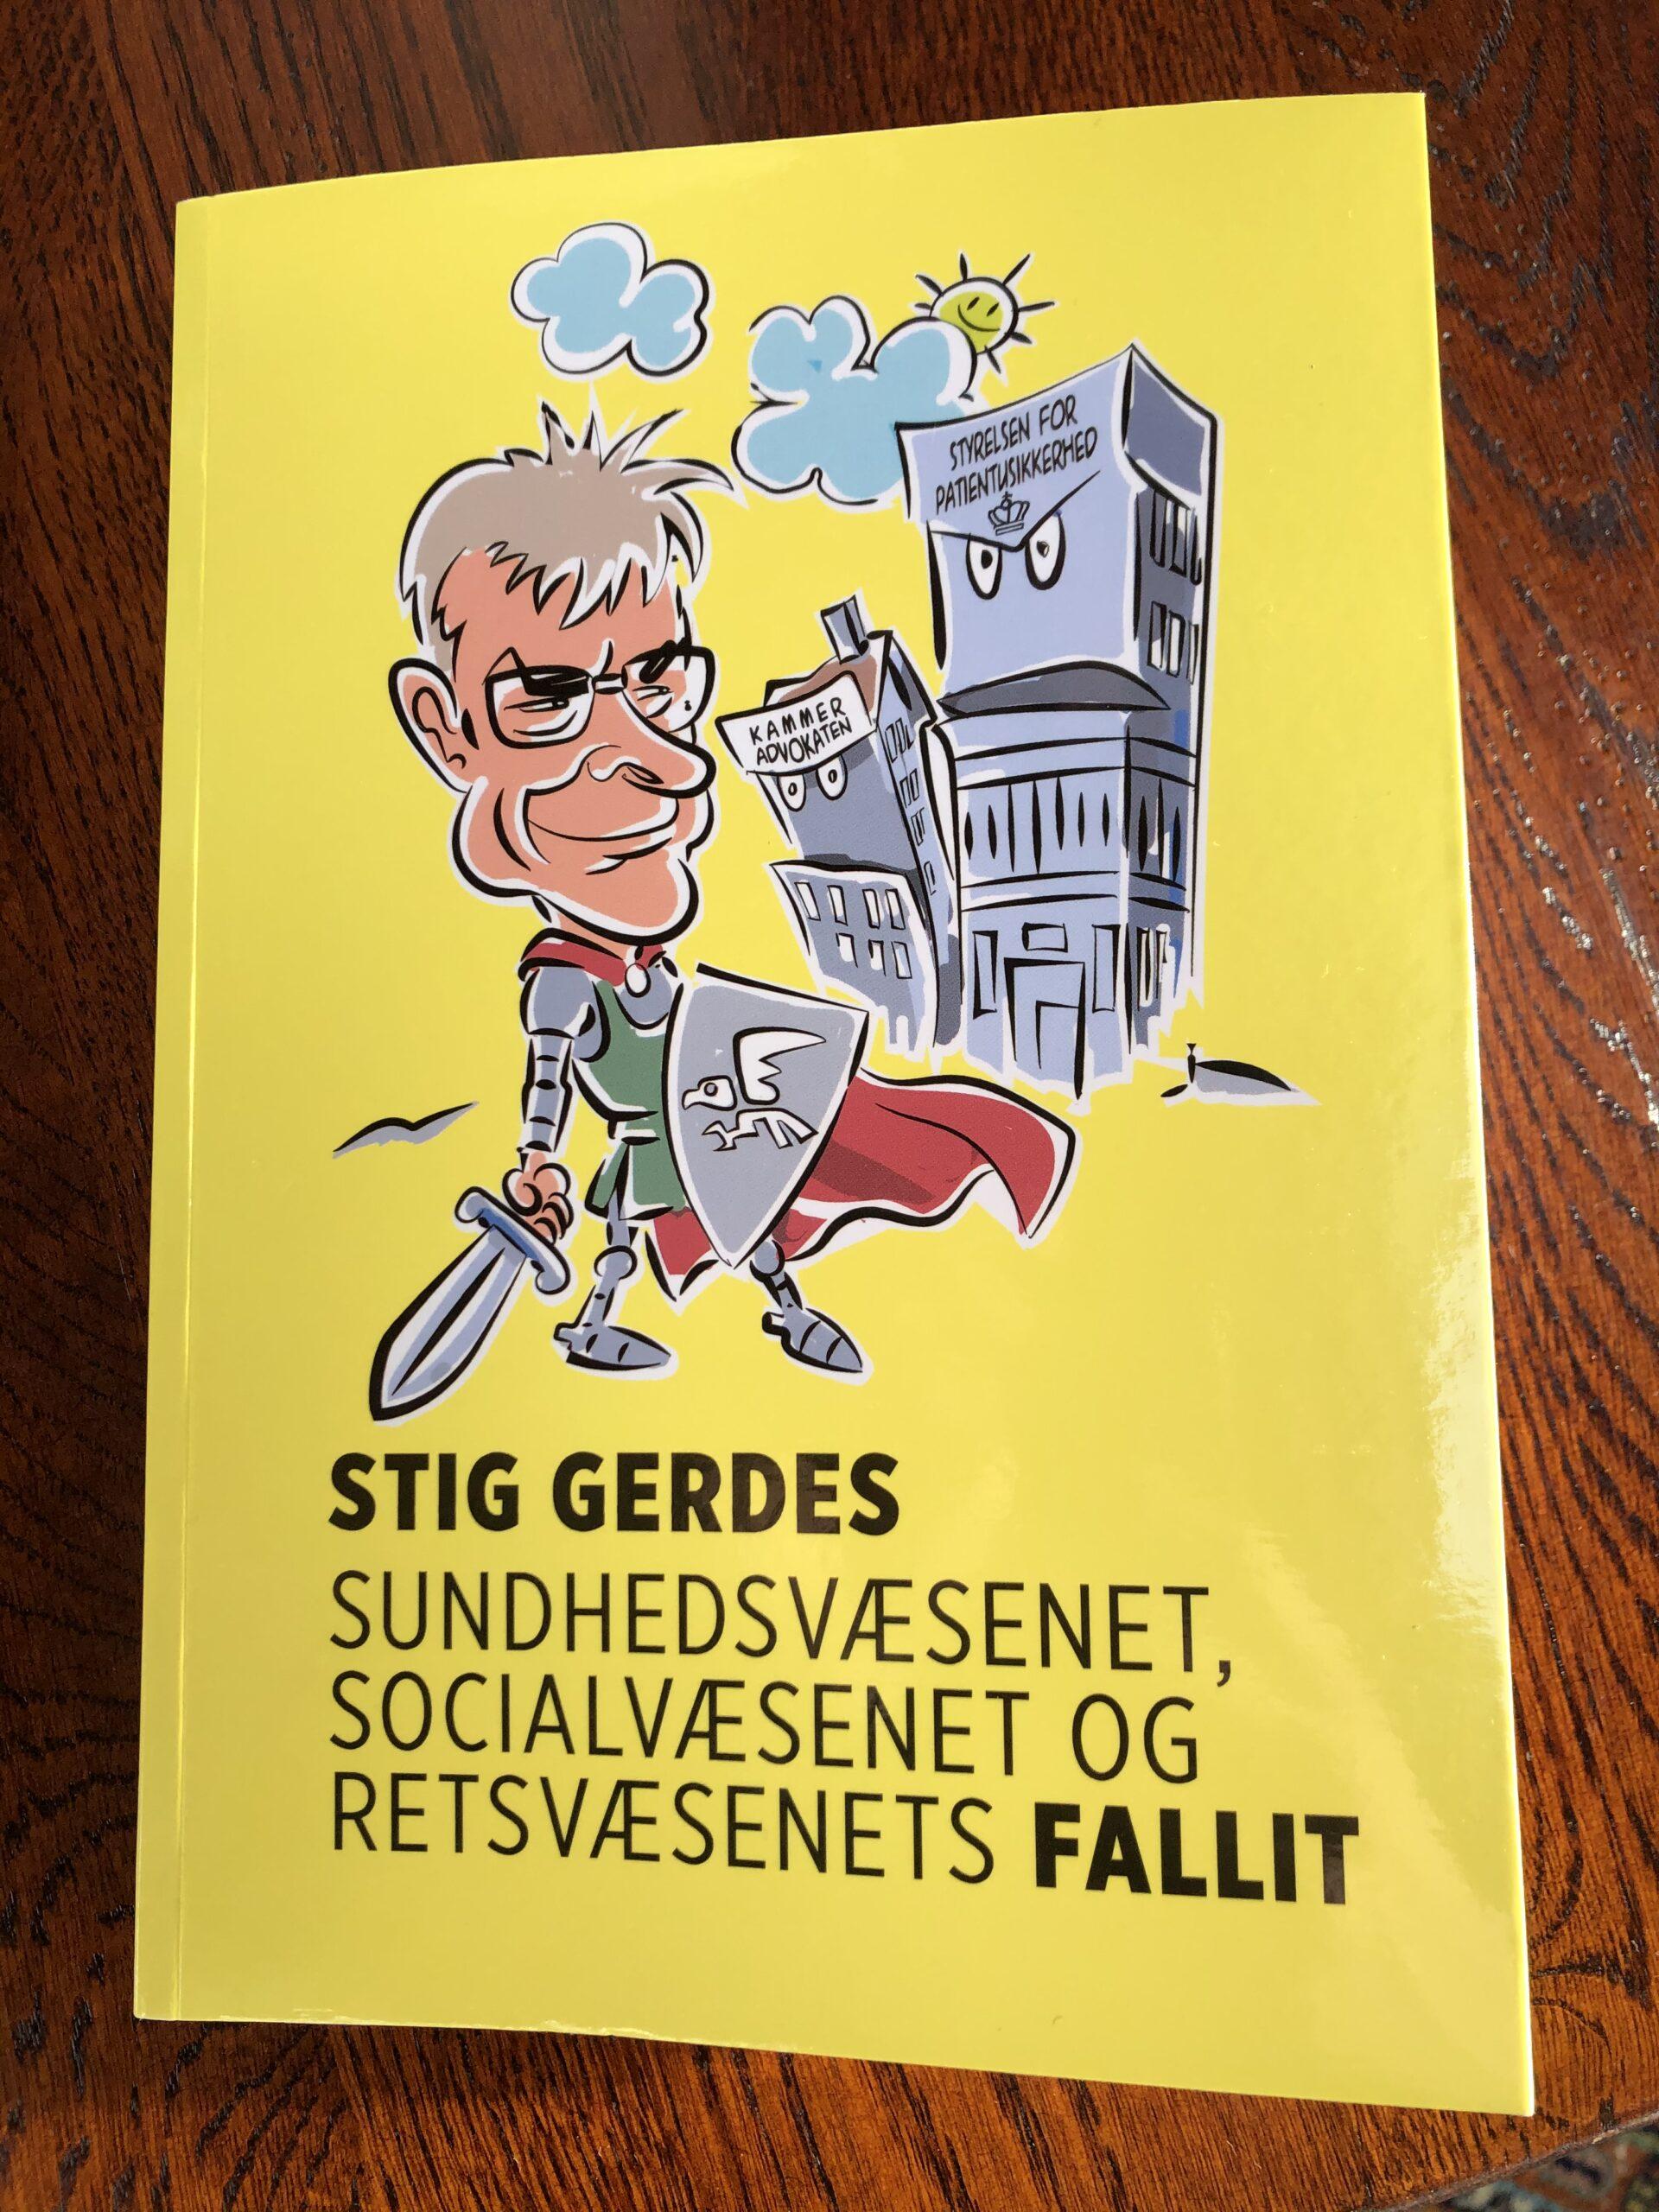 Stig Gerdes aktuel med ny, kritisk bog